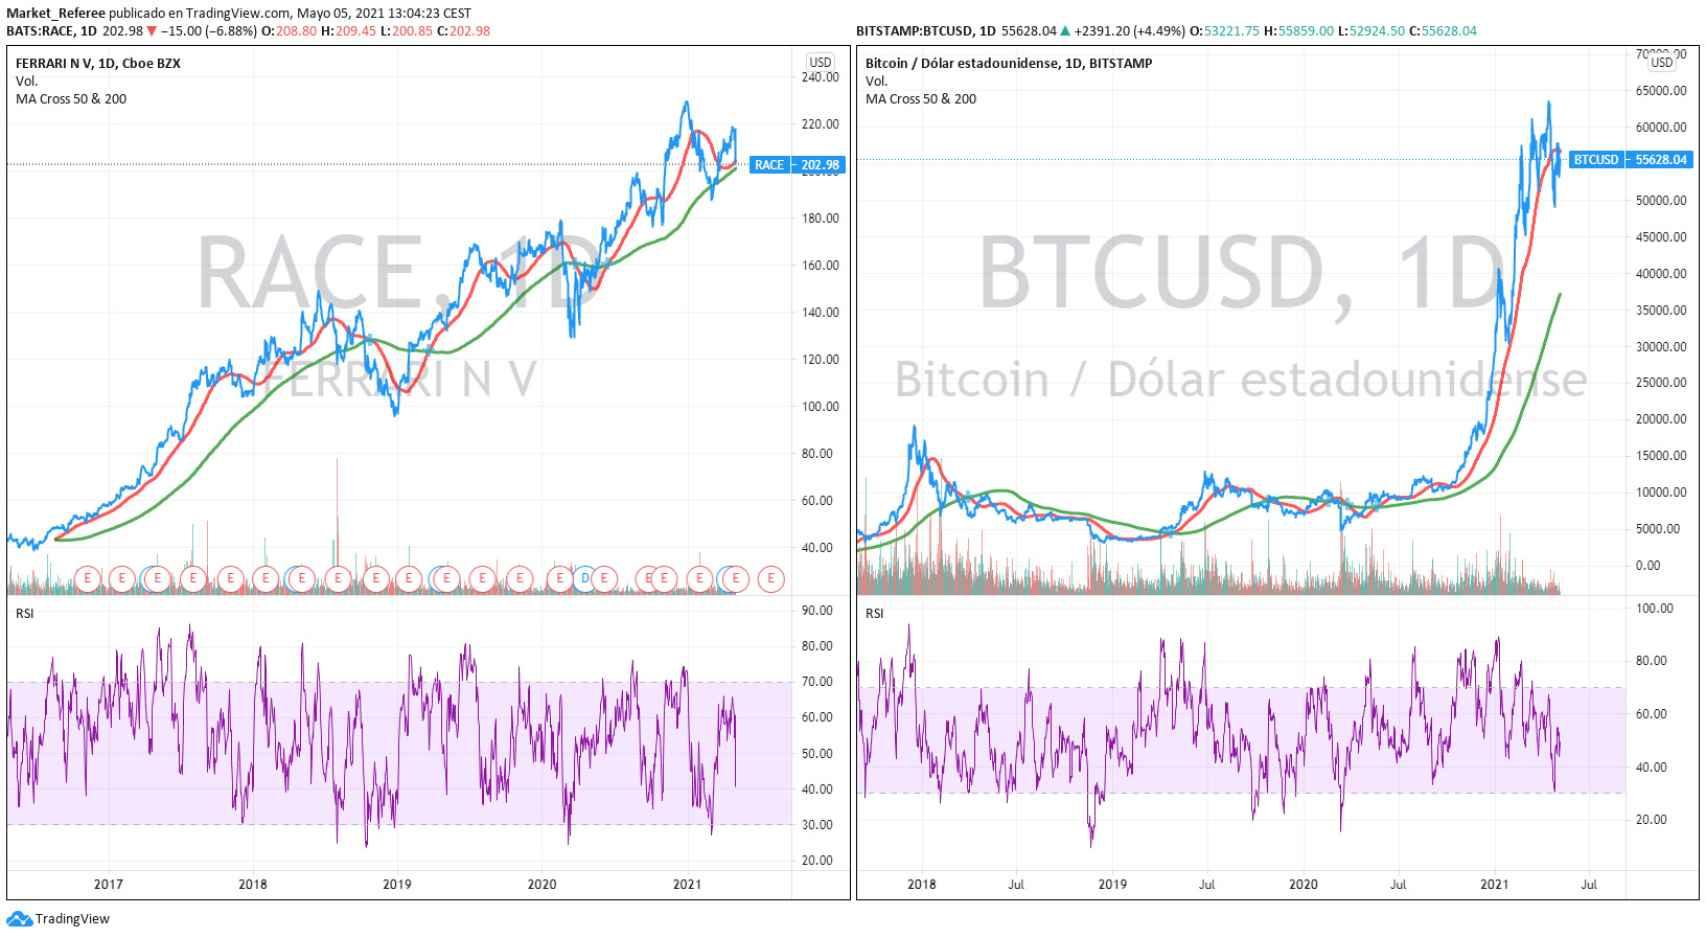 Gráficos de cotización de las acciones de Ferrari y el bitcoin.